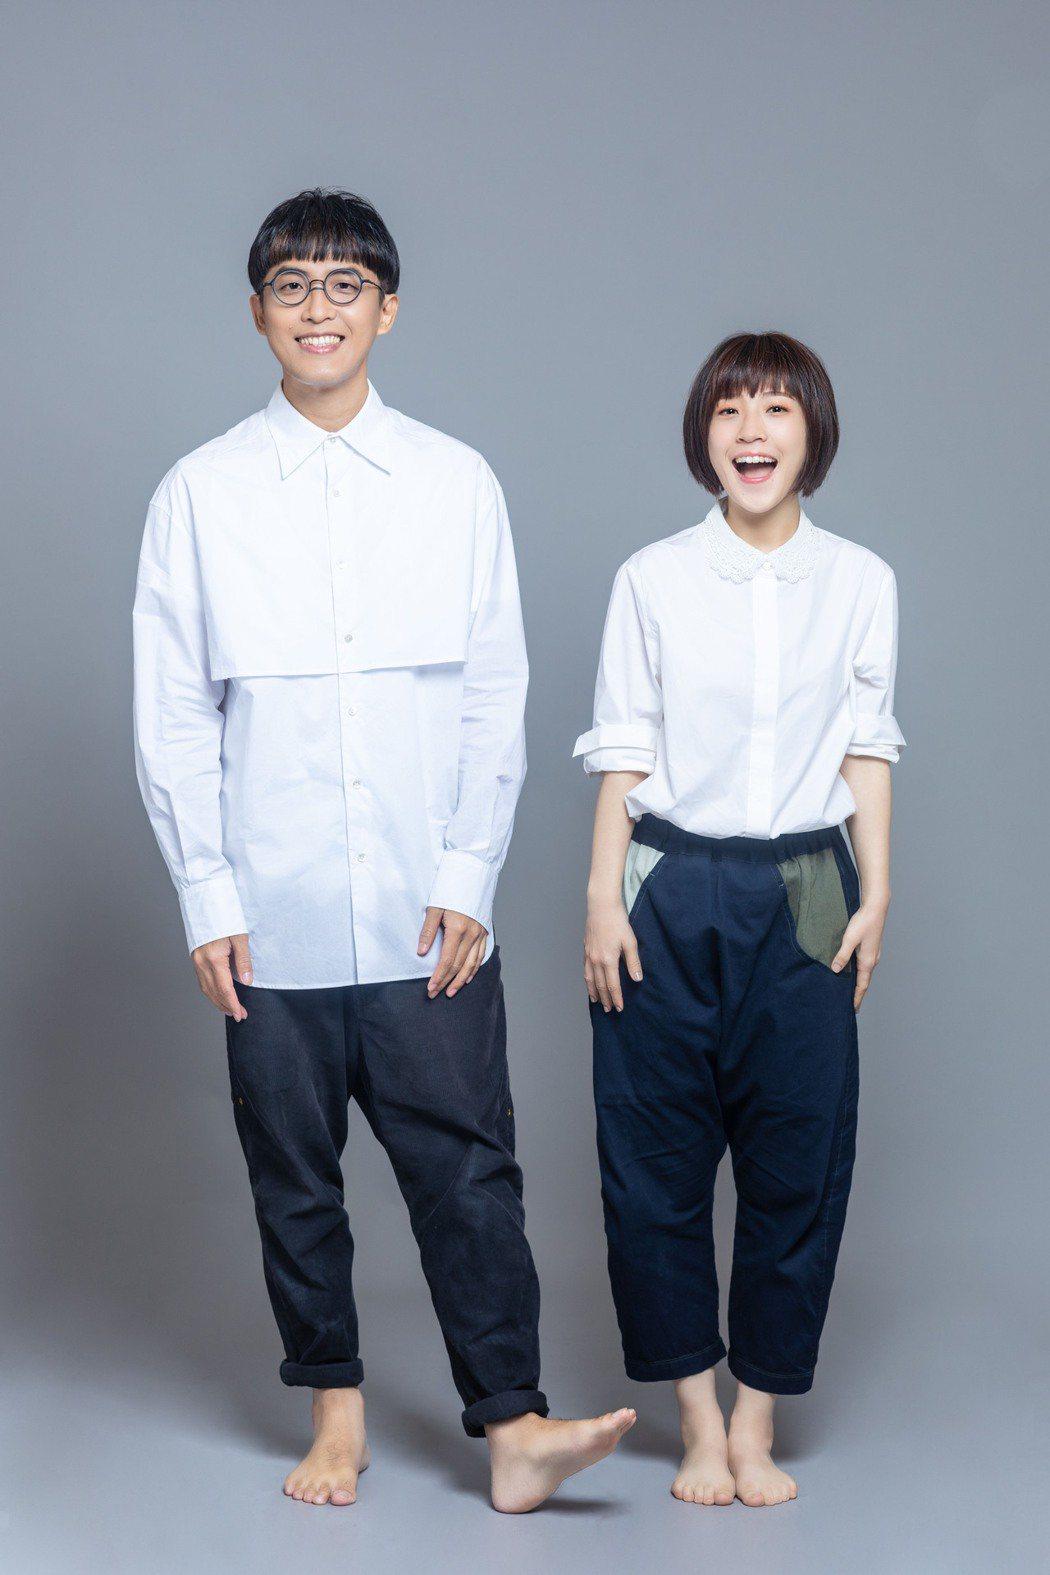 莊鵑瑛(右)和團長沈聖哲合組的「棉花糖」正式復出。圖/環球音樂提供